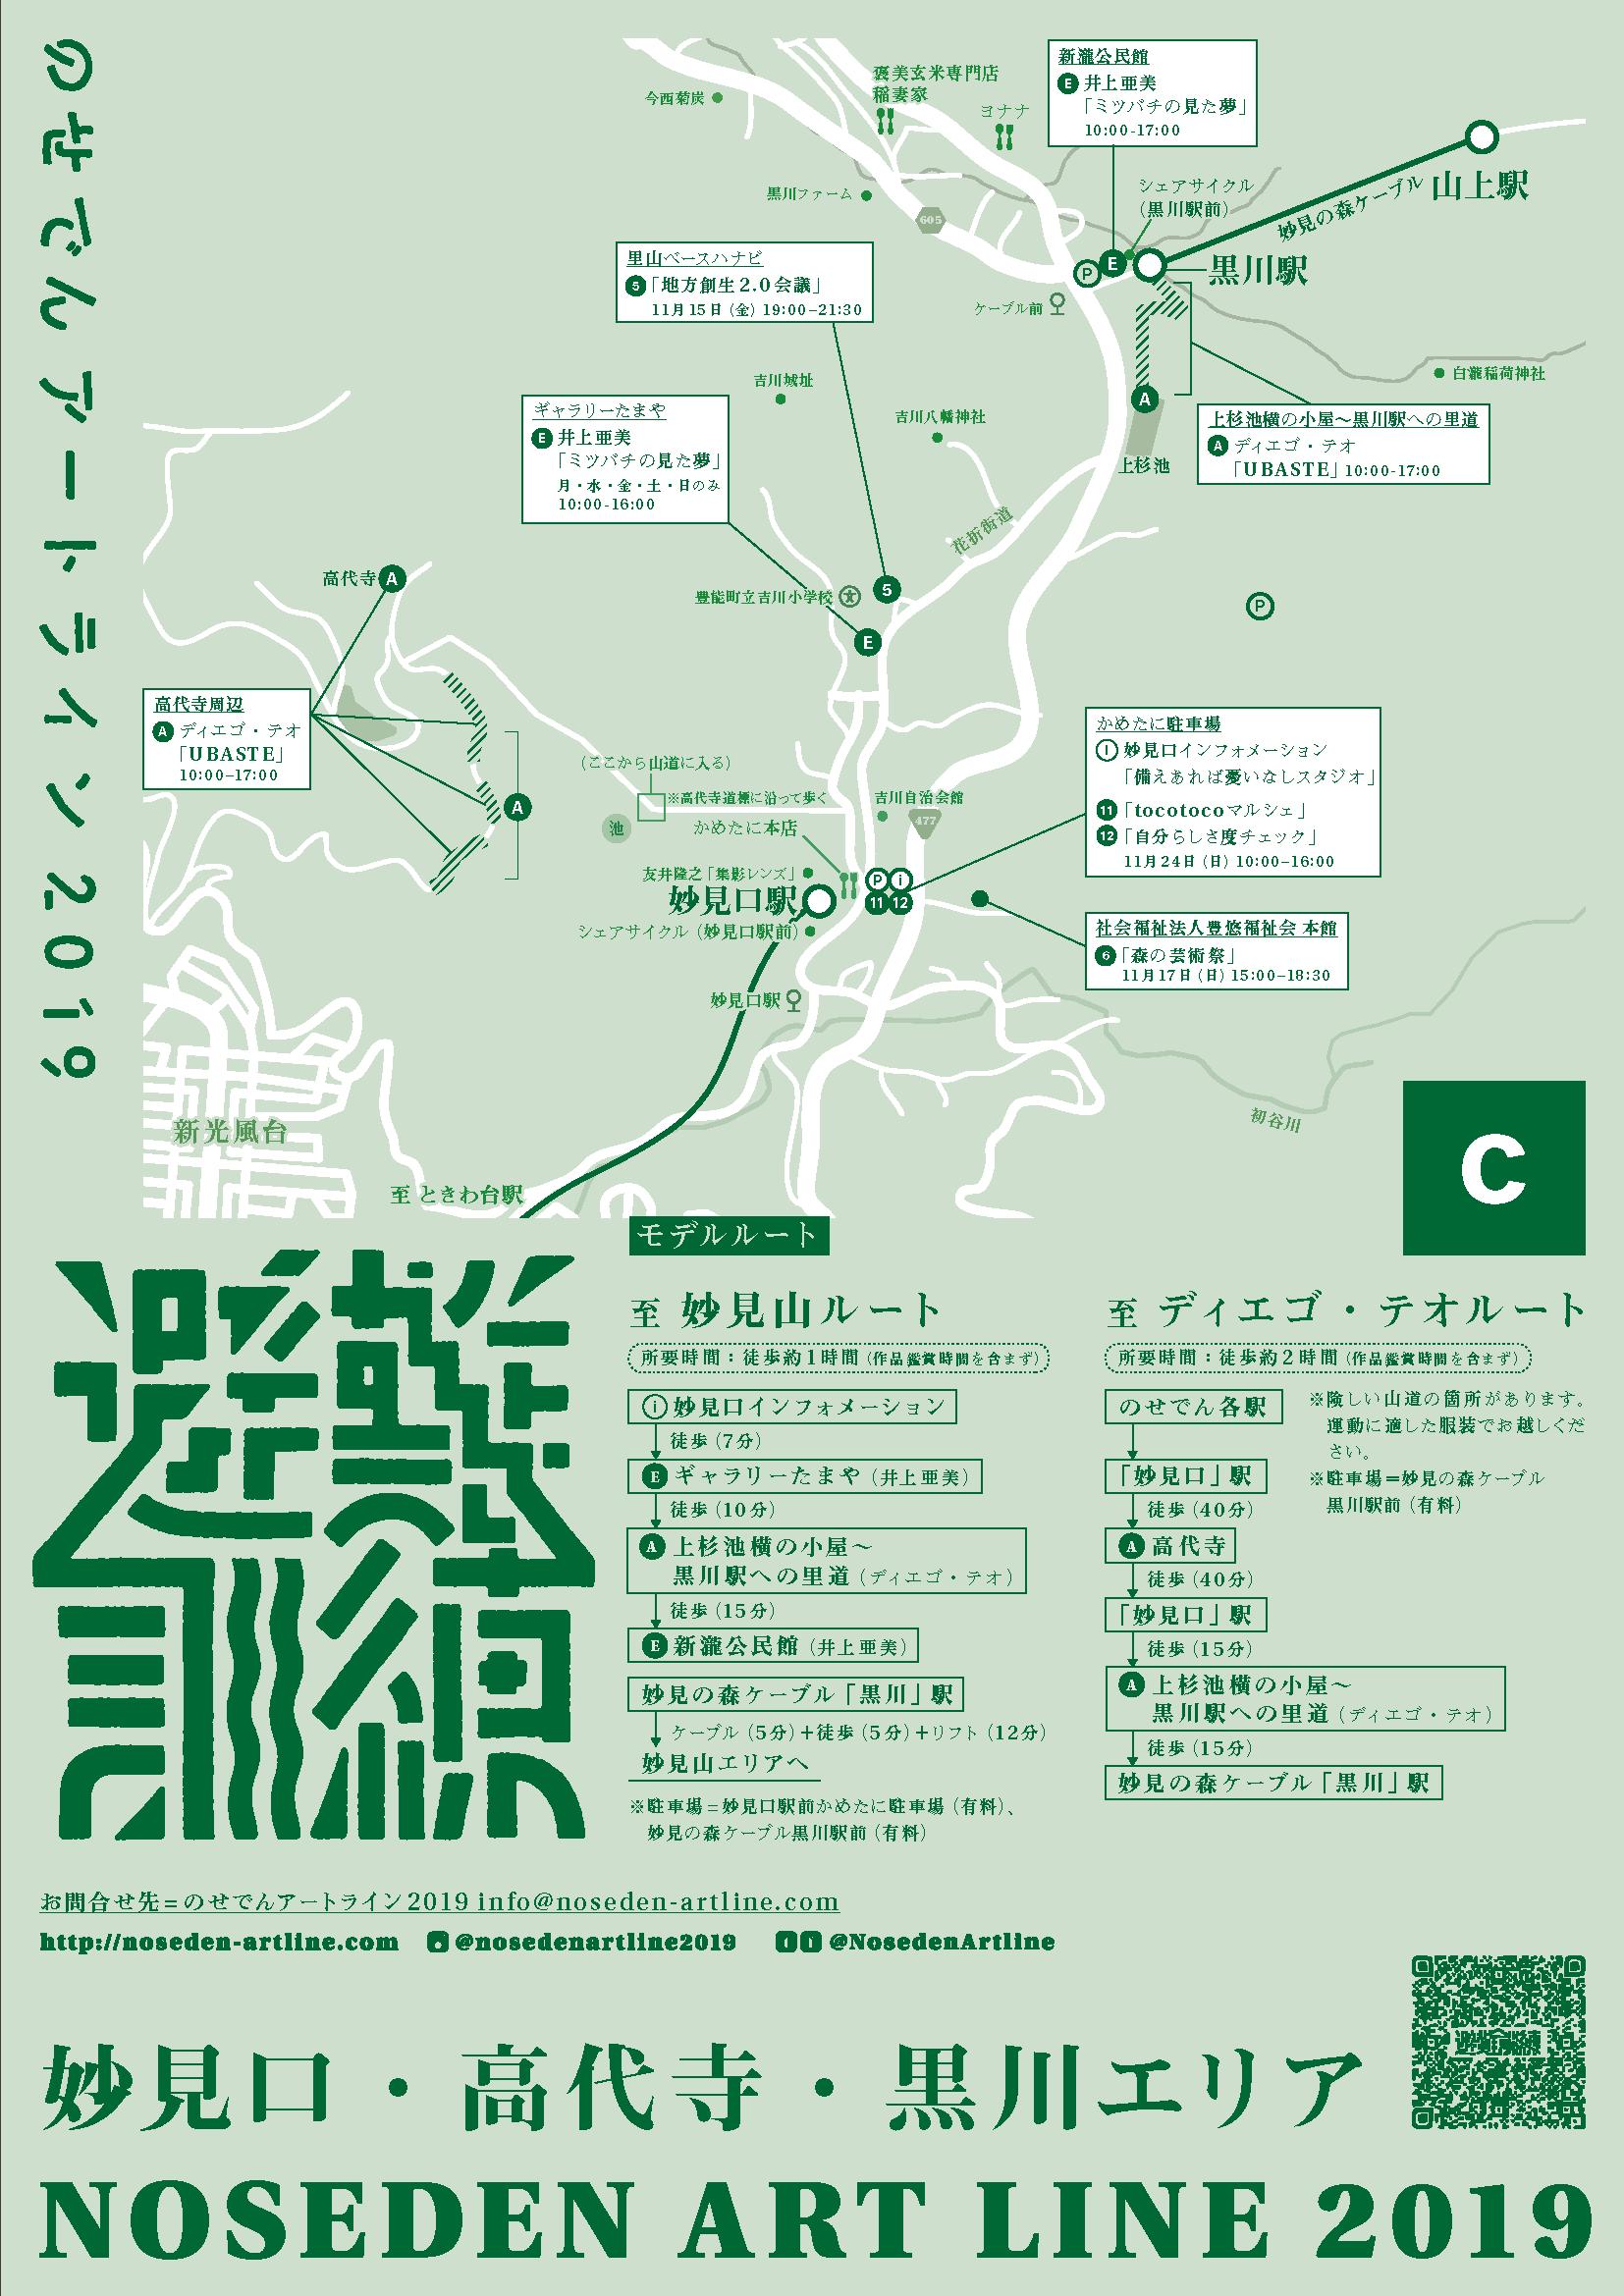 妙見口・高代寺・黒川エリアマップ